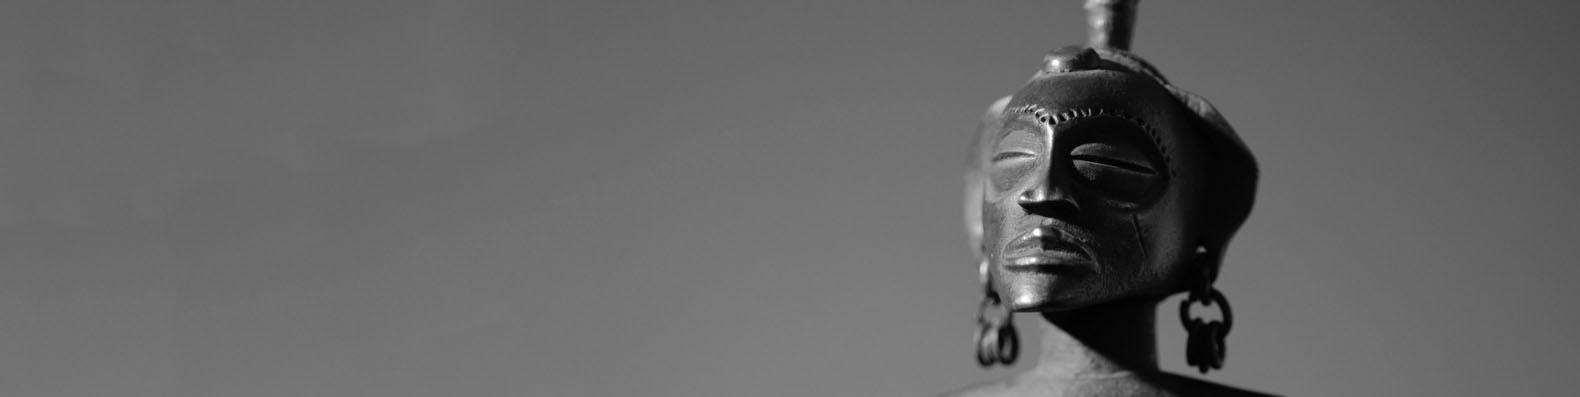 Photographie d'une statue féminine Tchokwe d'Agola par Frédéric Dawance